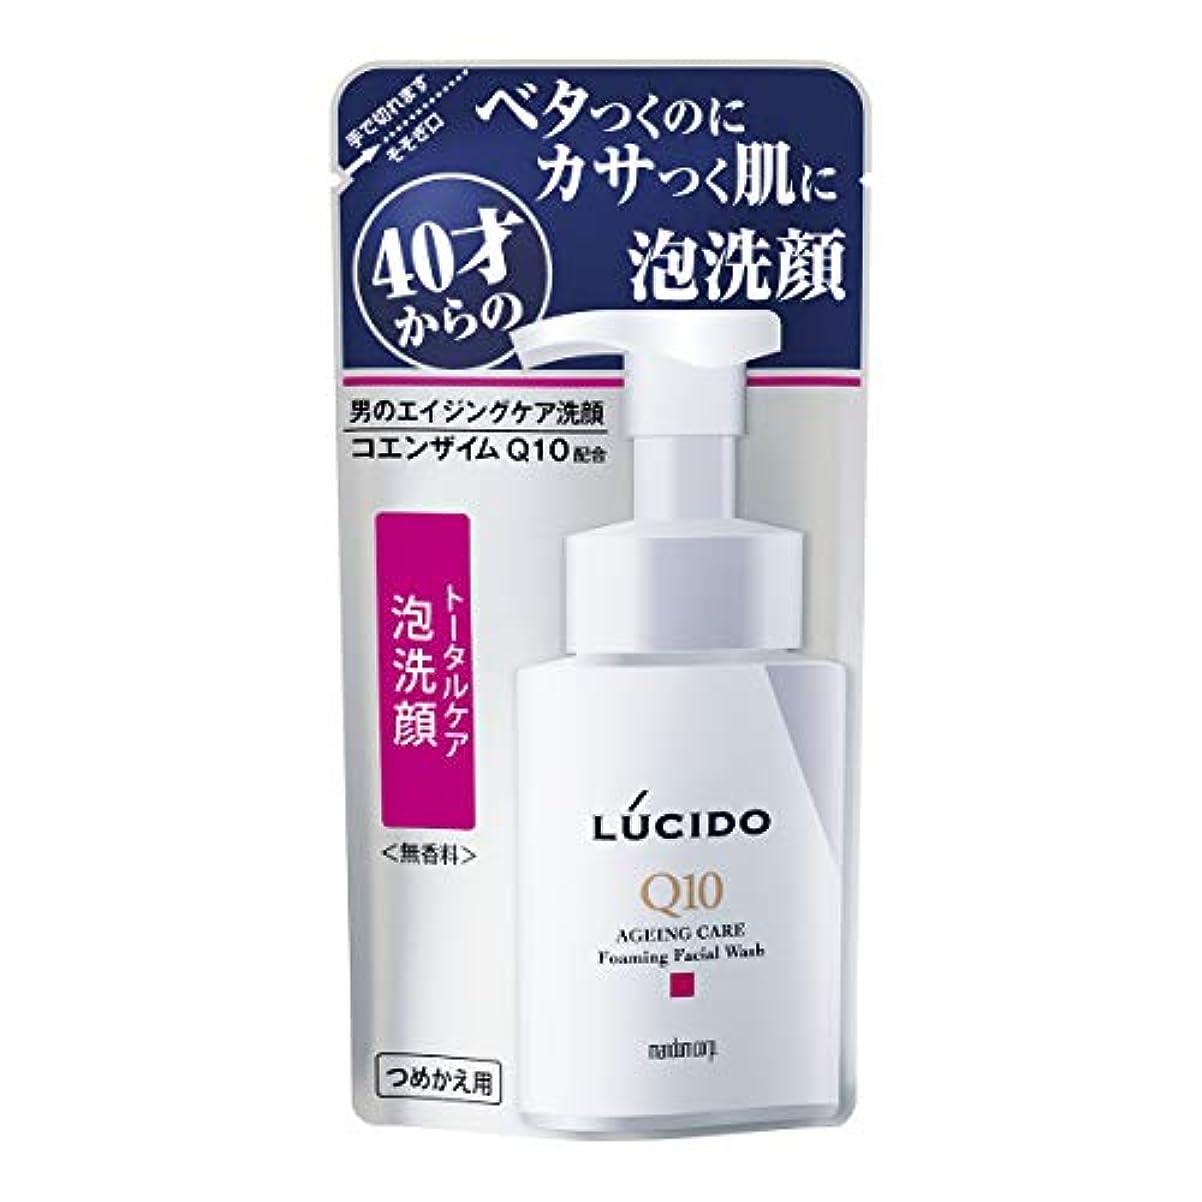 セミナー把握タウポ湖LUCIDO(ルシード) トータルケア泡洗顔 つめかえ用 Q10 130mL